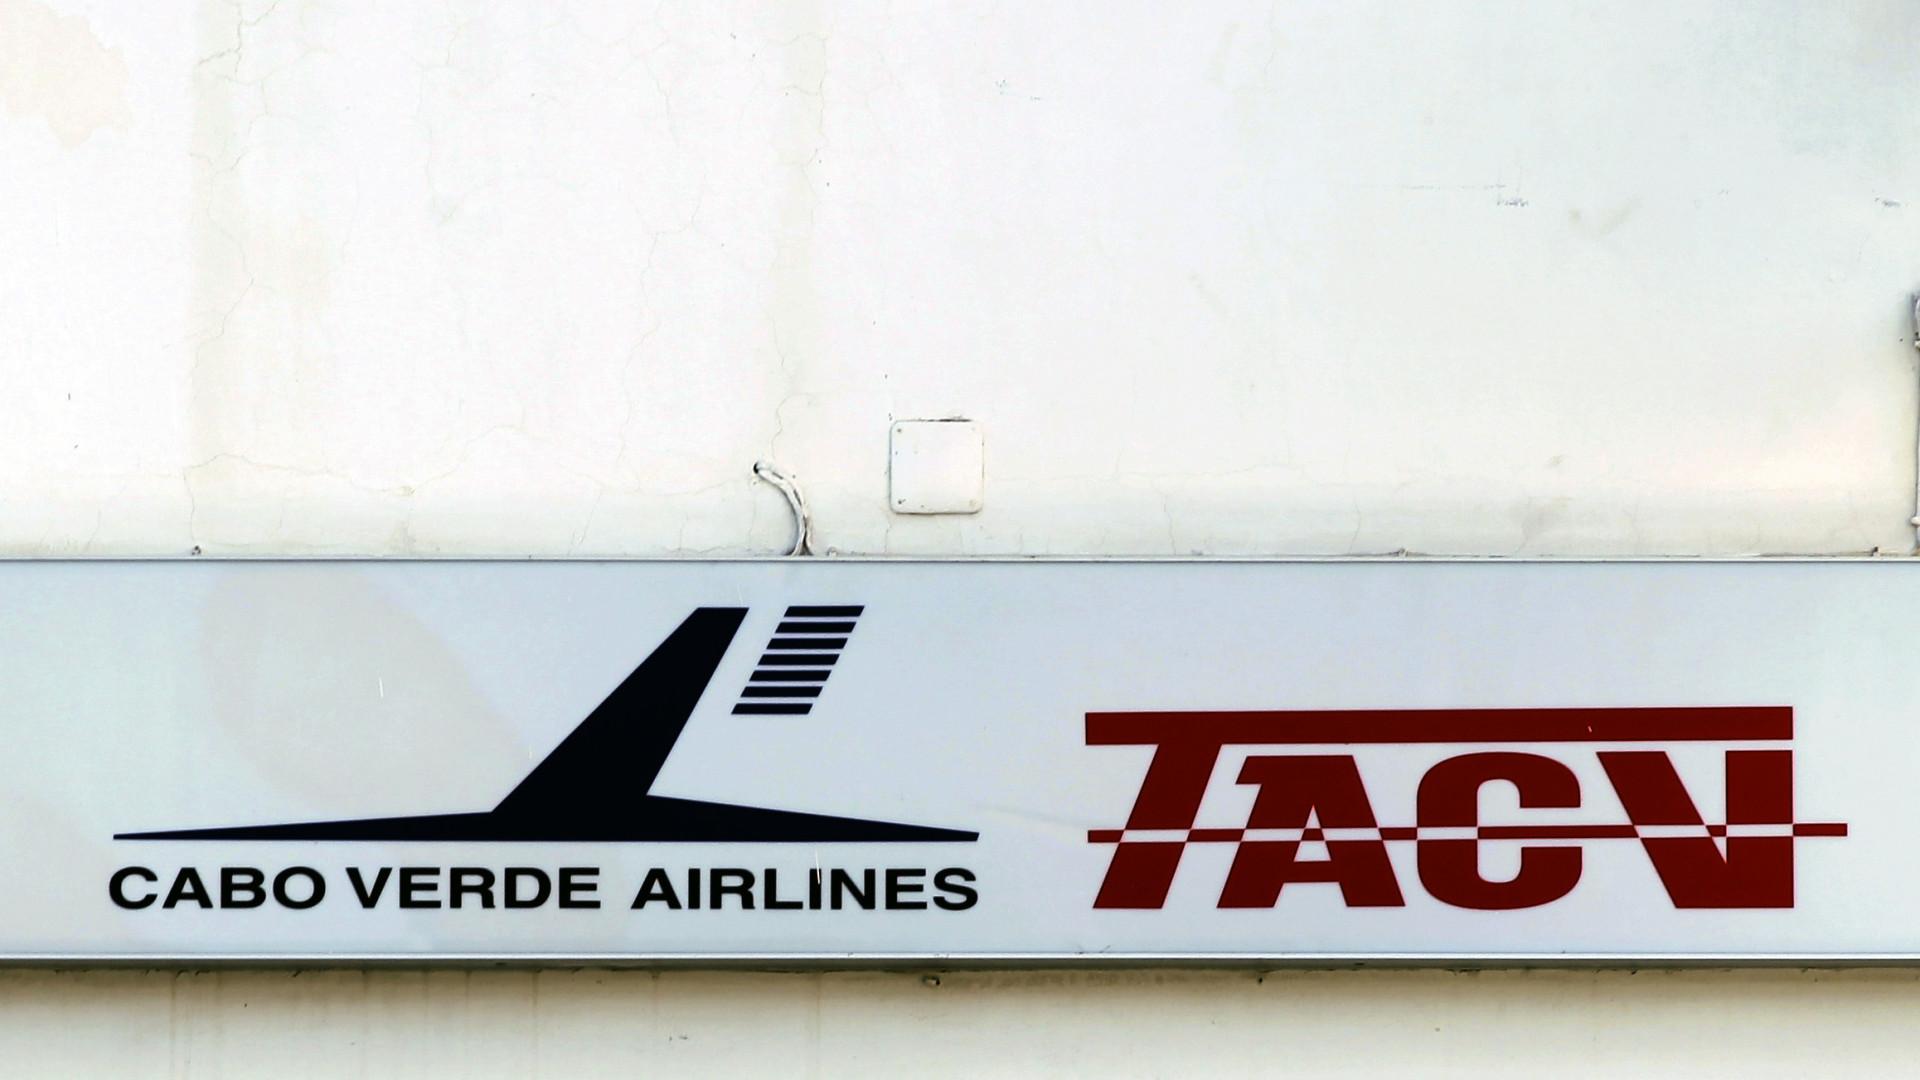 Companhia aérea cabo-verdiana cancela todos os voos até 11 de setembro